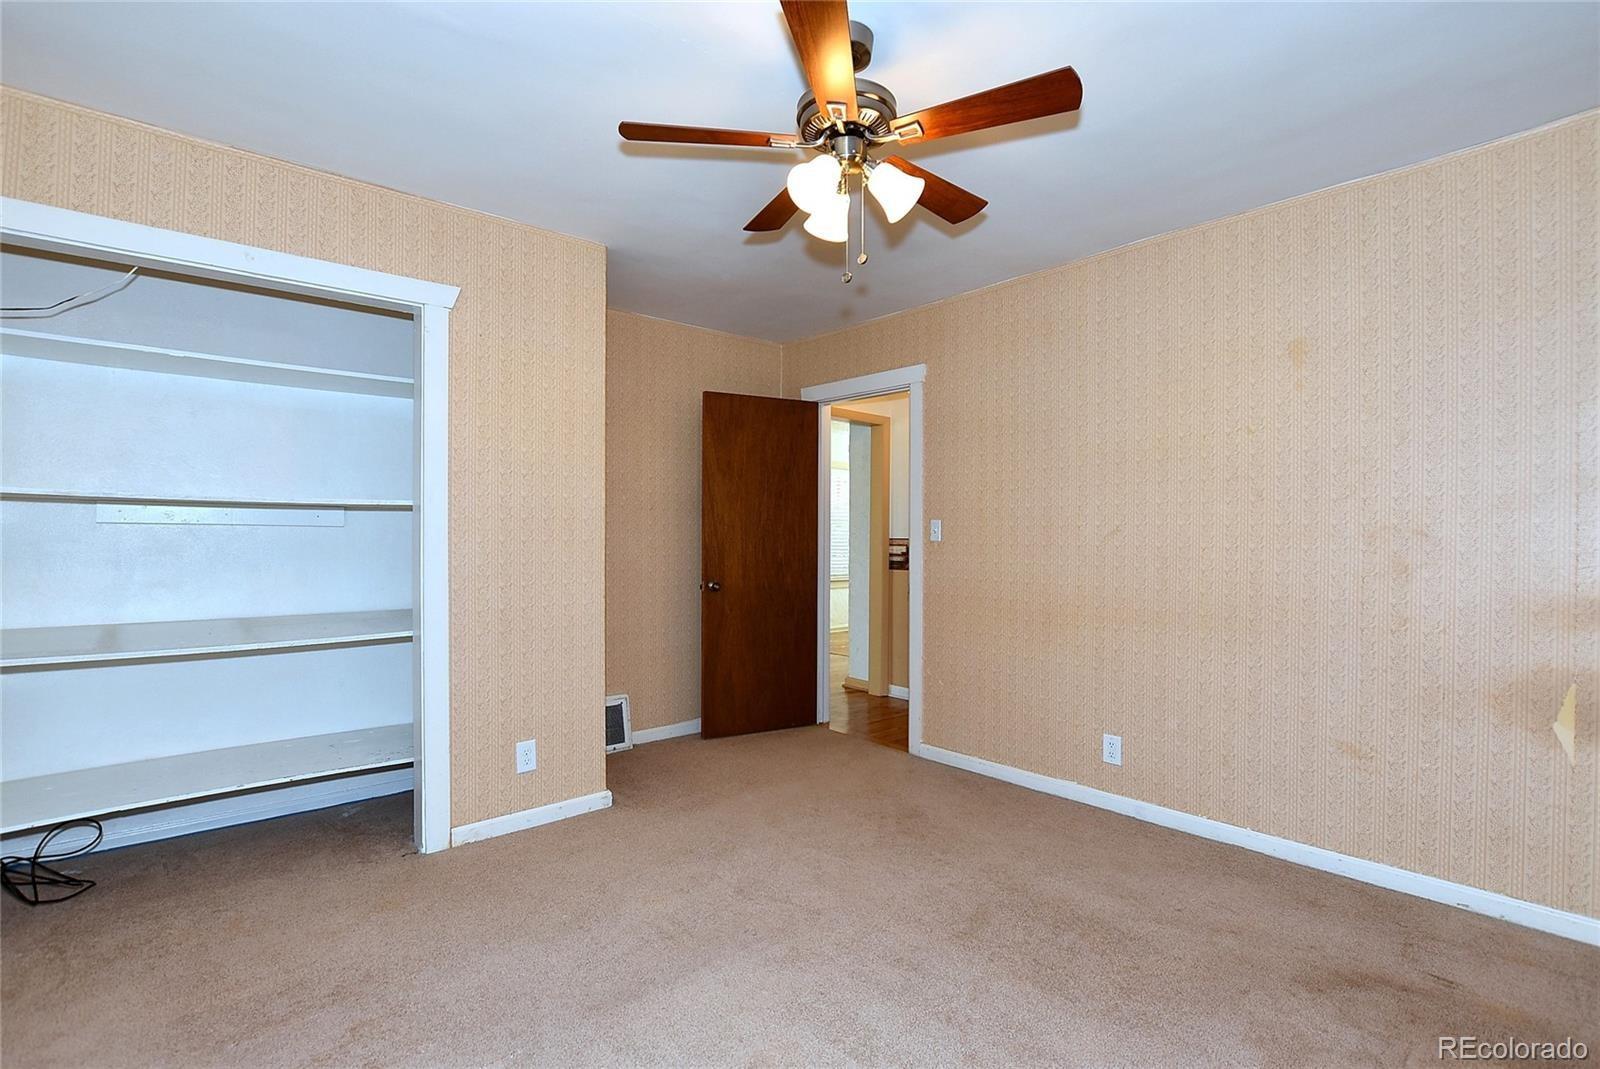 MLS# 9091323 - 24 - 605 N Franklin Avenue, Loveland, CO 80537